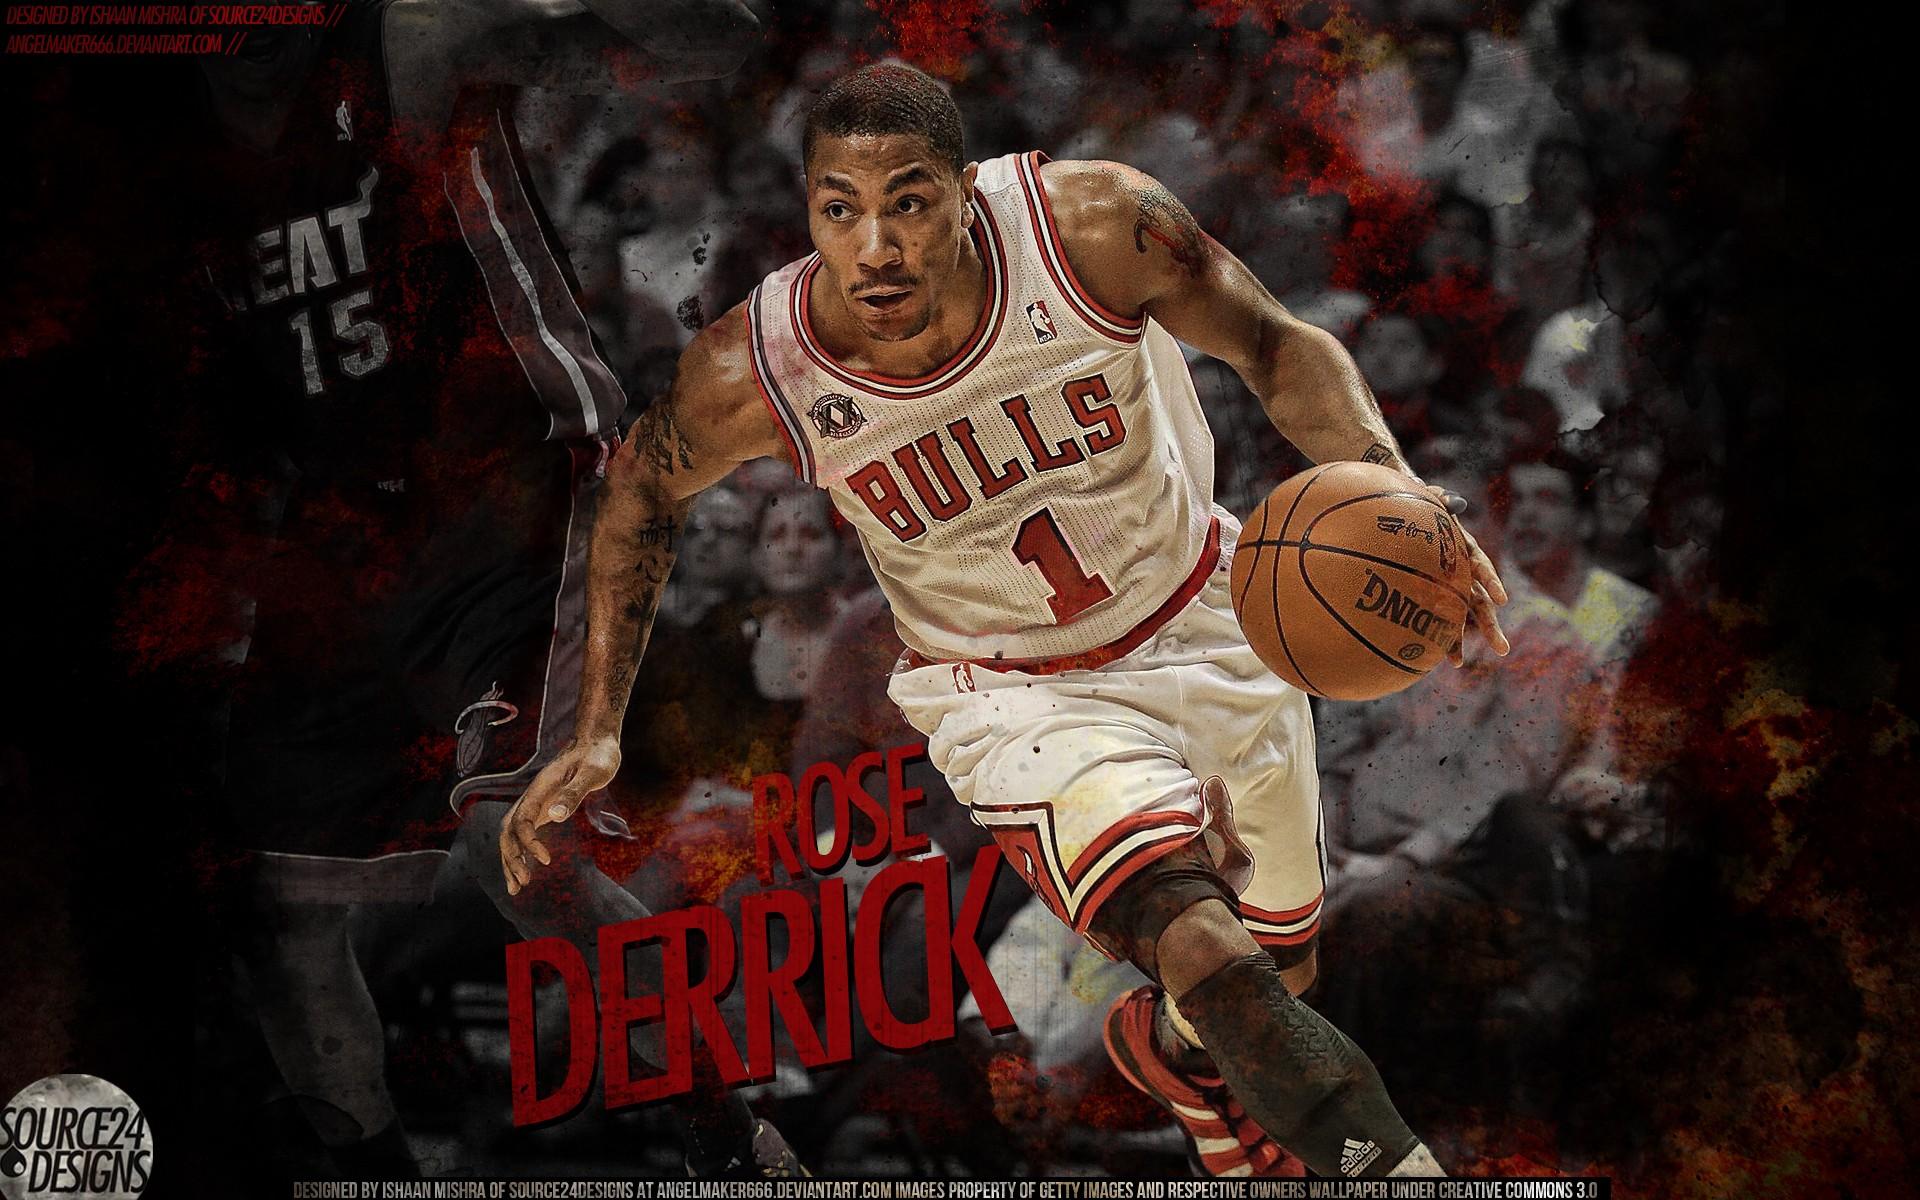 Derrick Rose Playing Basketball Hd Wallpaper Wallpaper List 1920x1200